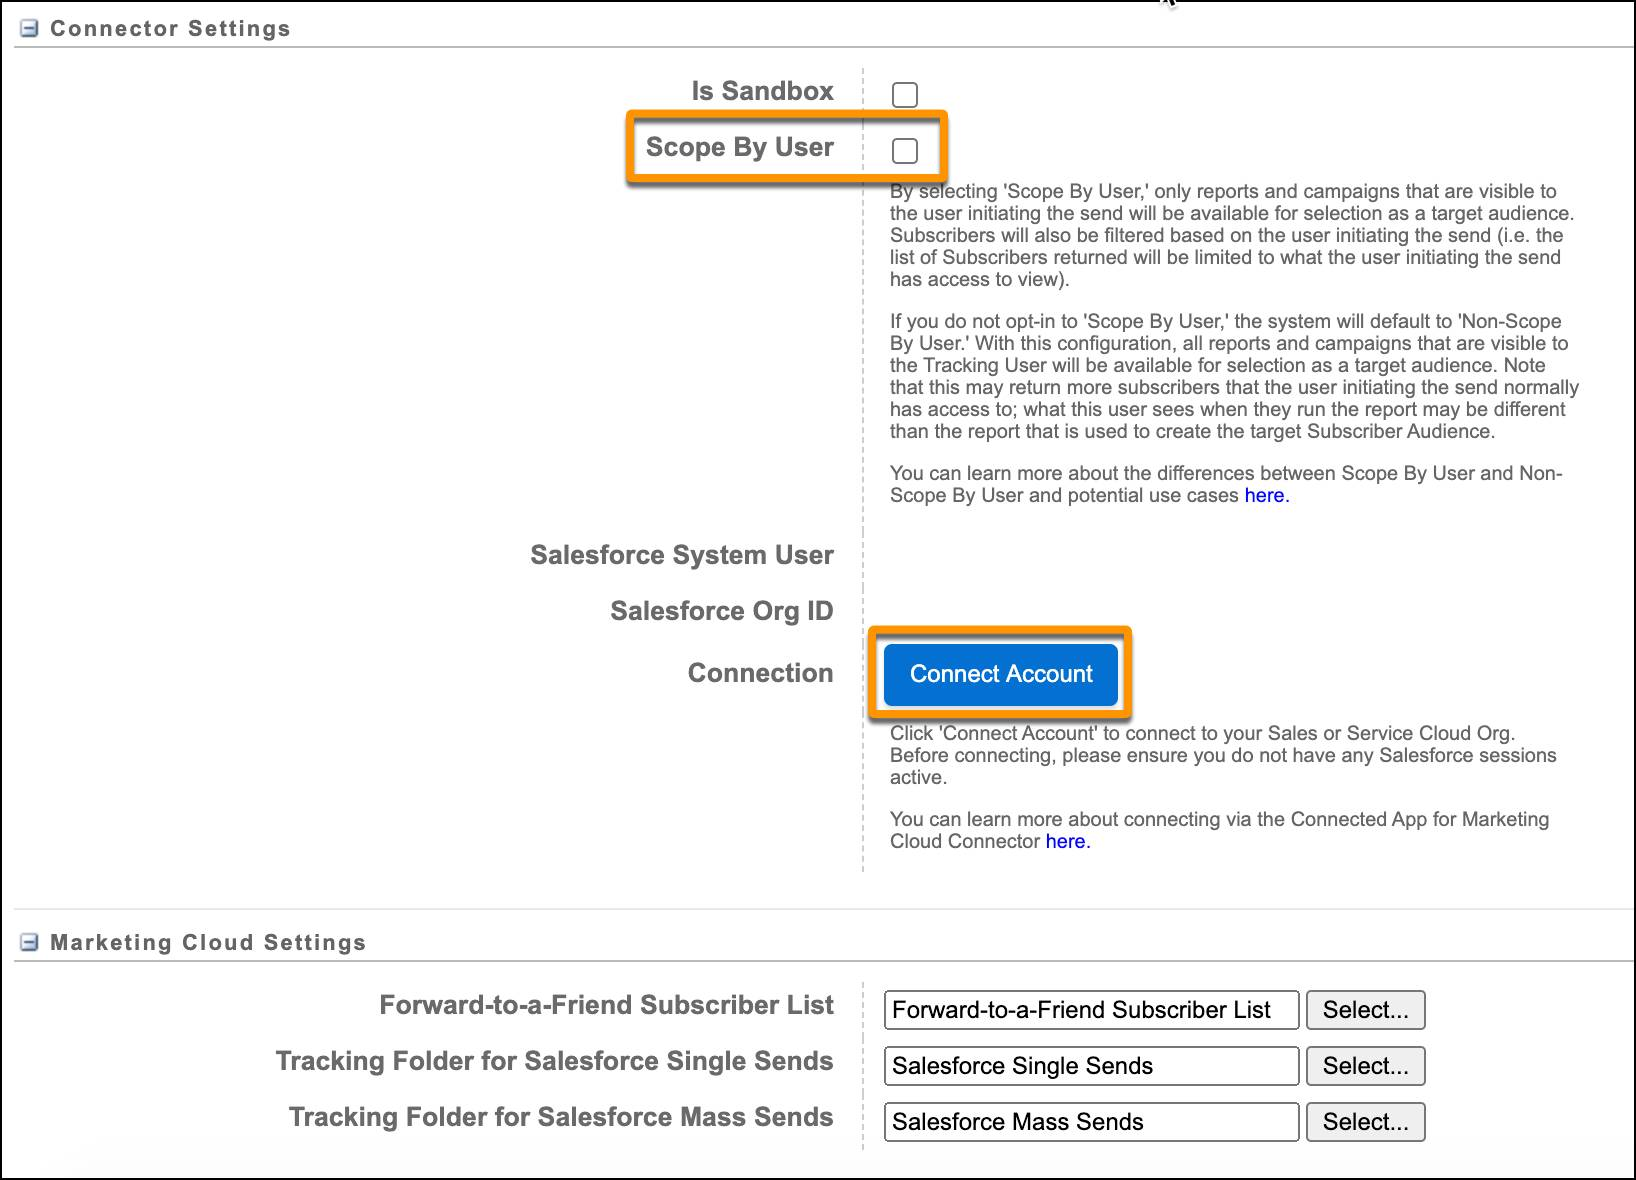 Écran Configuration de l'intégration Salesforce dans MarketingCloud avec Portée par utilisateur et Connecter le compte mis en évidence.